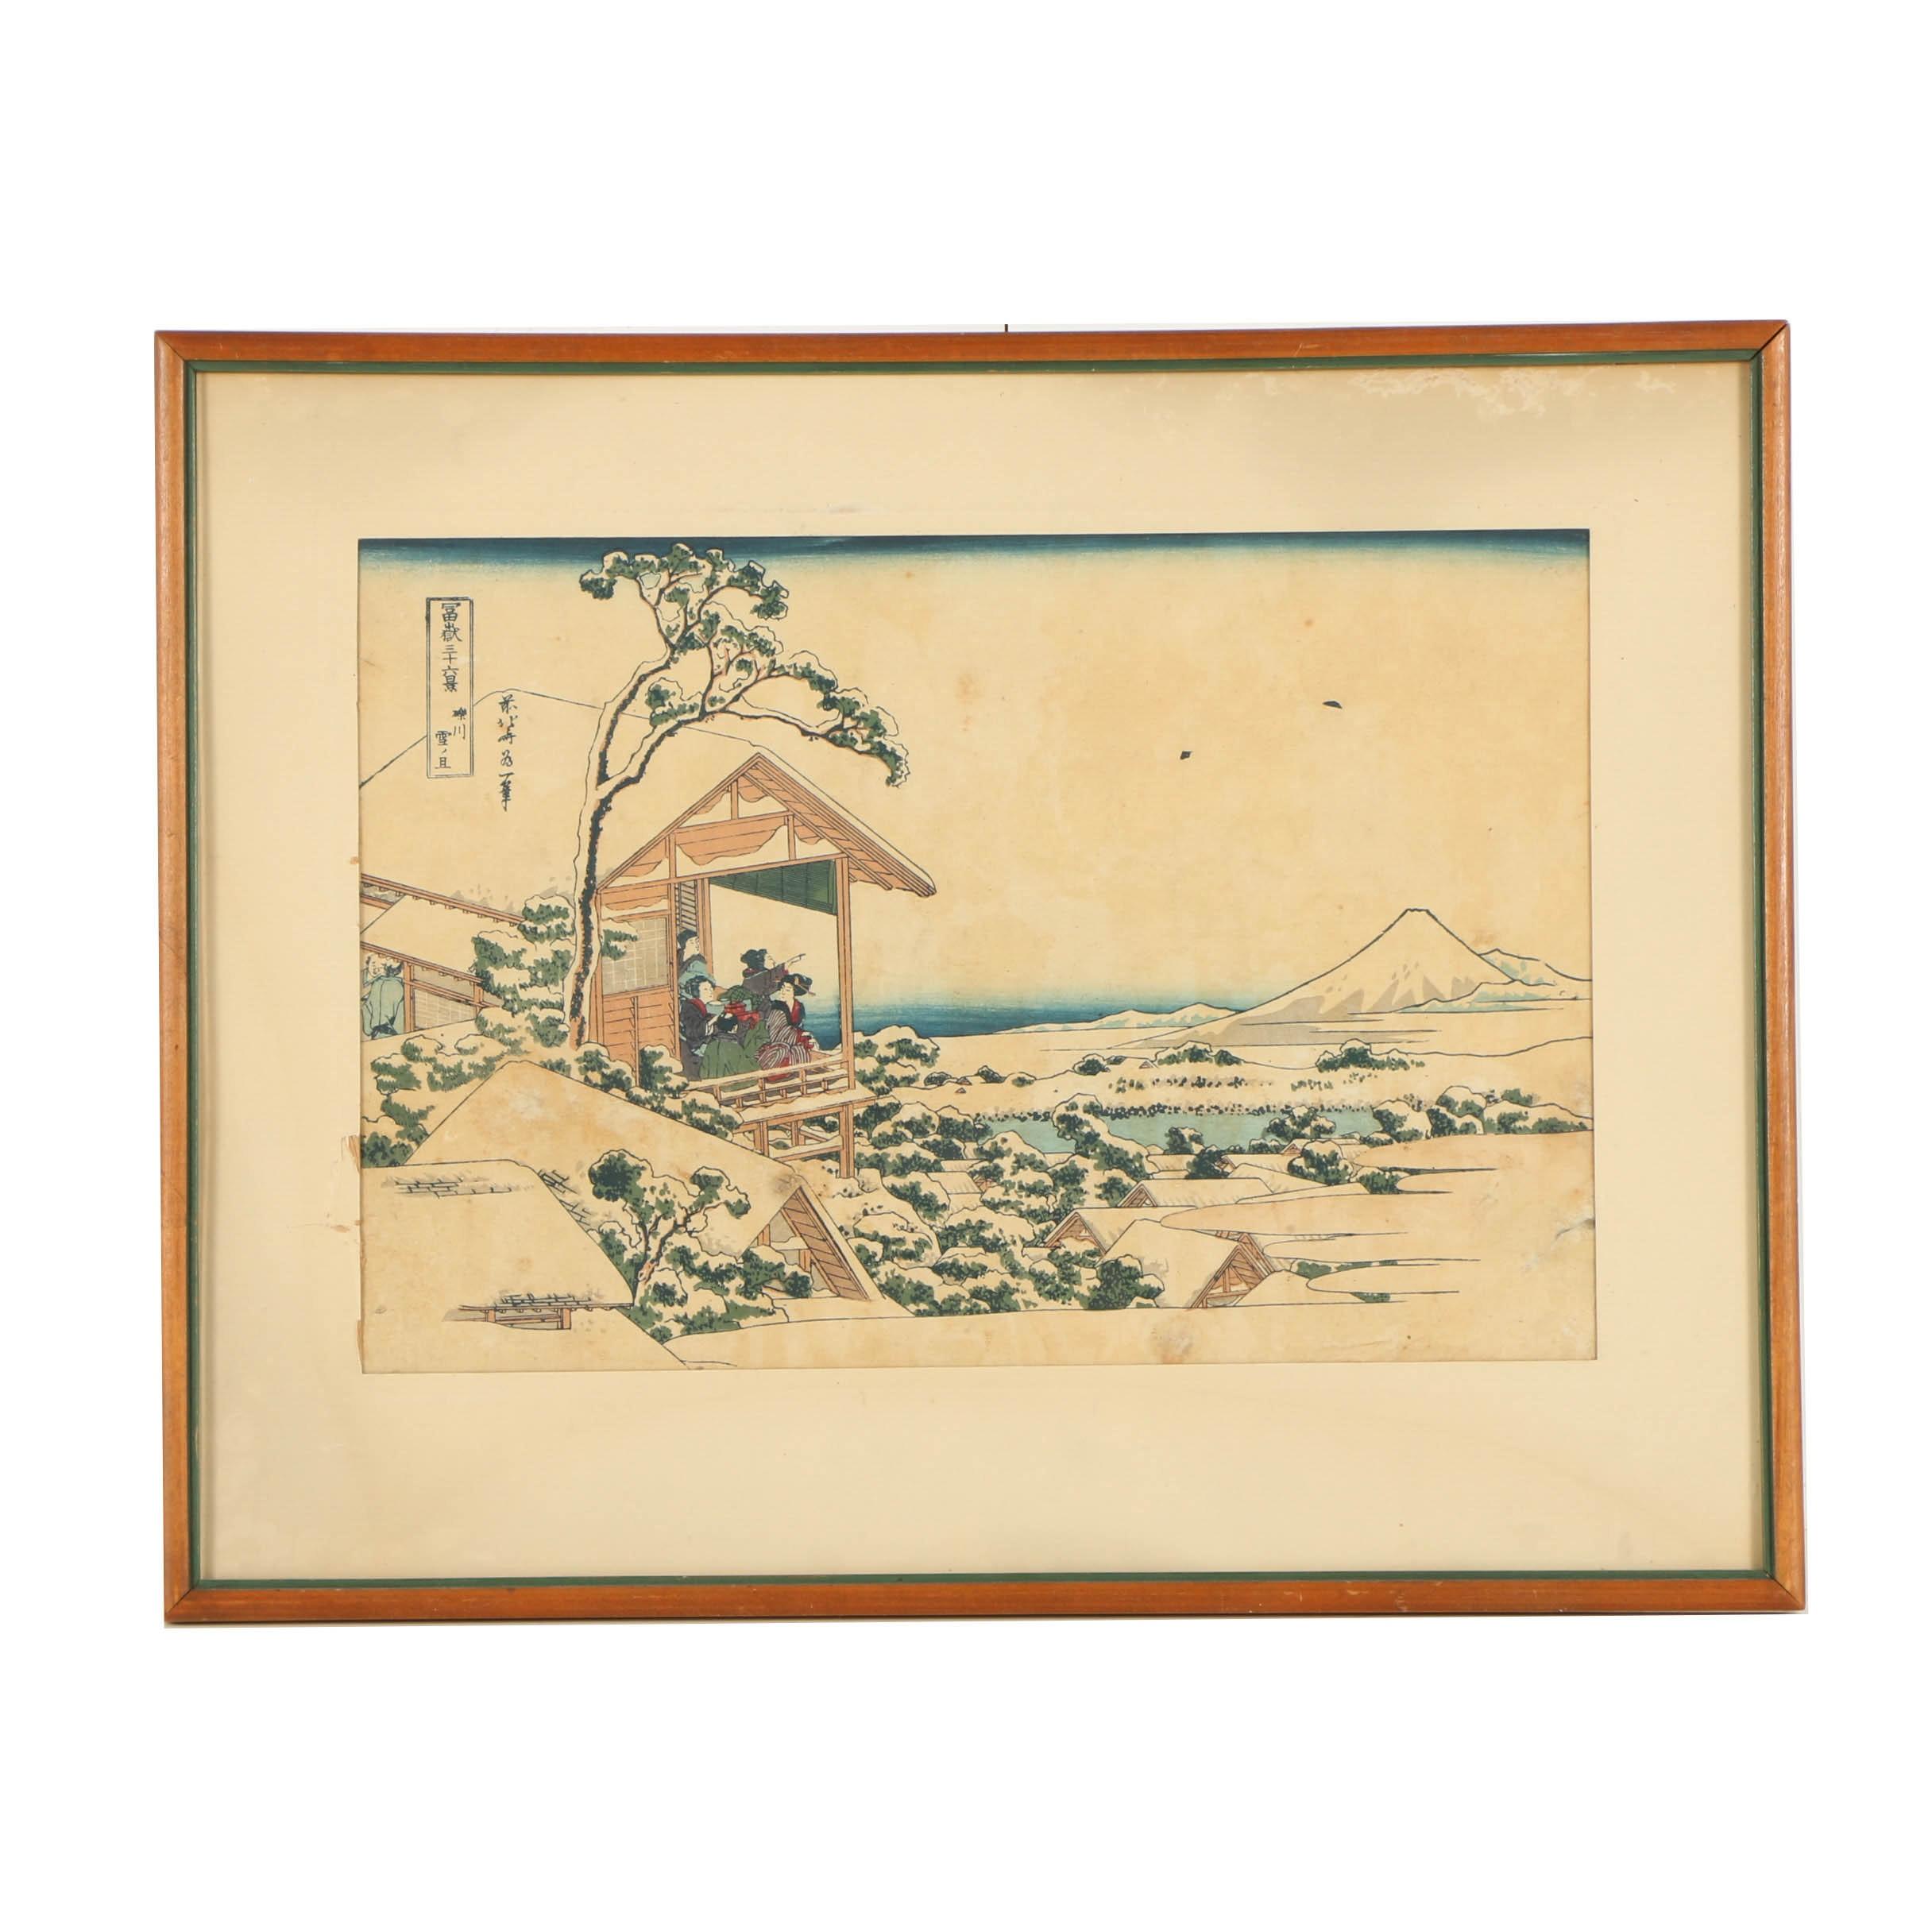 """Restrike Woodblock Print After Hokusai """"Morning After Snow at Koishikawa"""""""